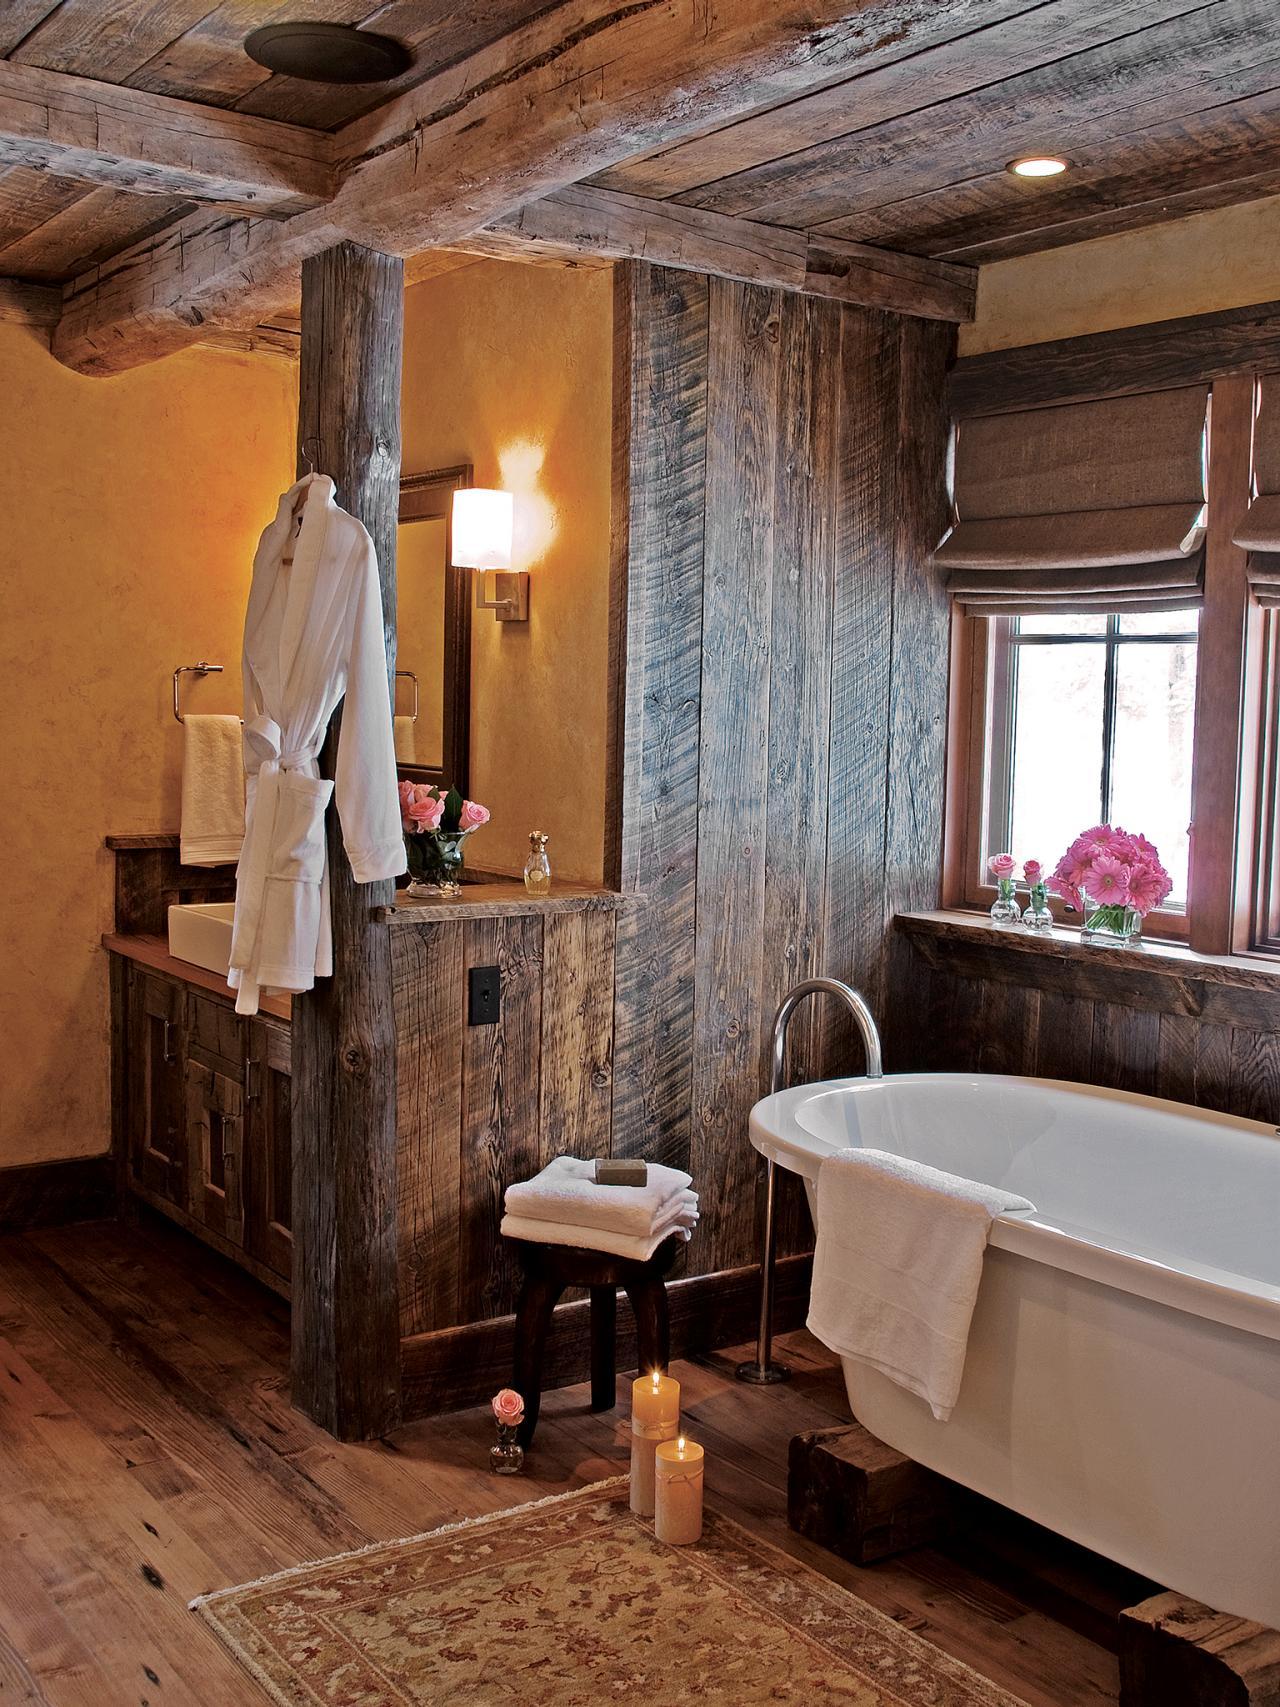 Cute western bathroom